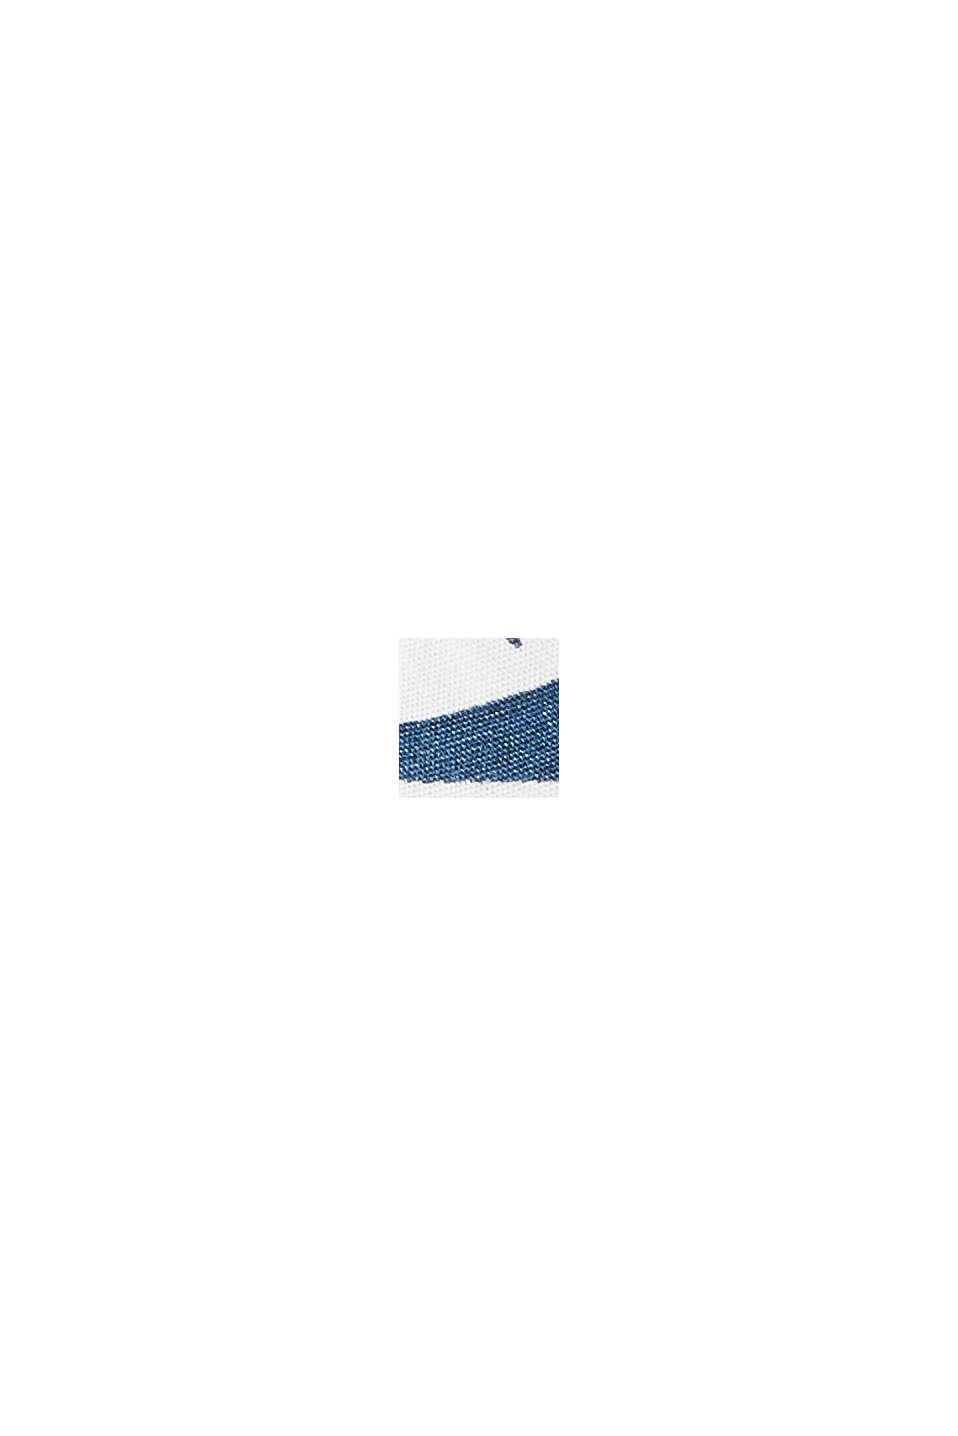 Overhemd met korte mouwen en print, biologisch katoen, BLUE, swatch